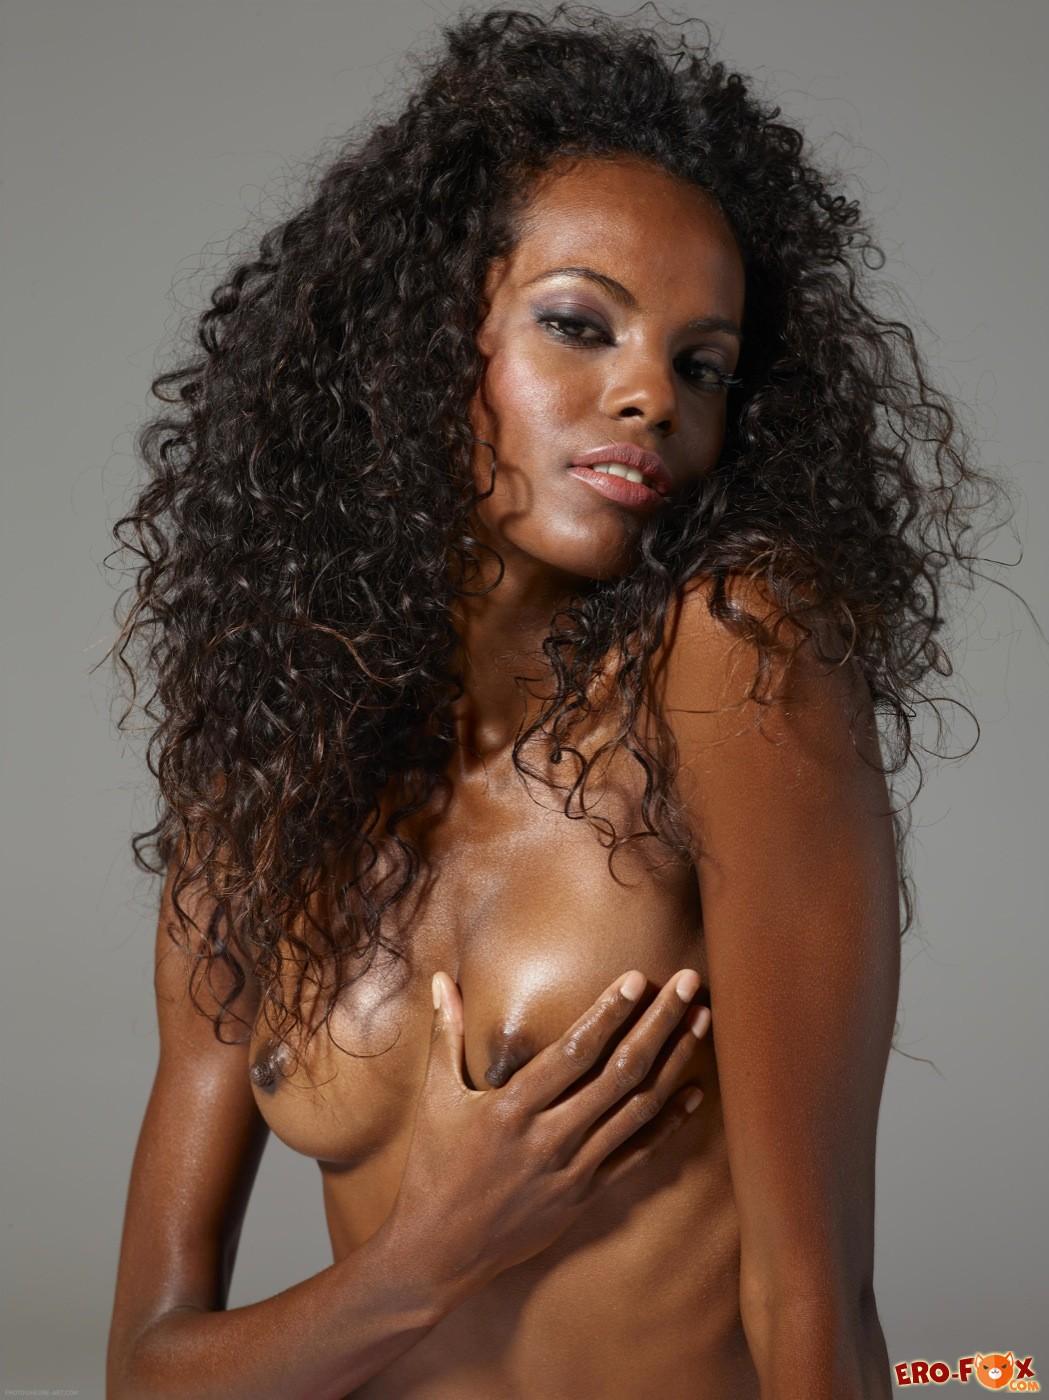 Худенькая чернокожая девушка в розовых трусиках - фото